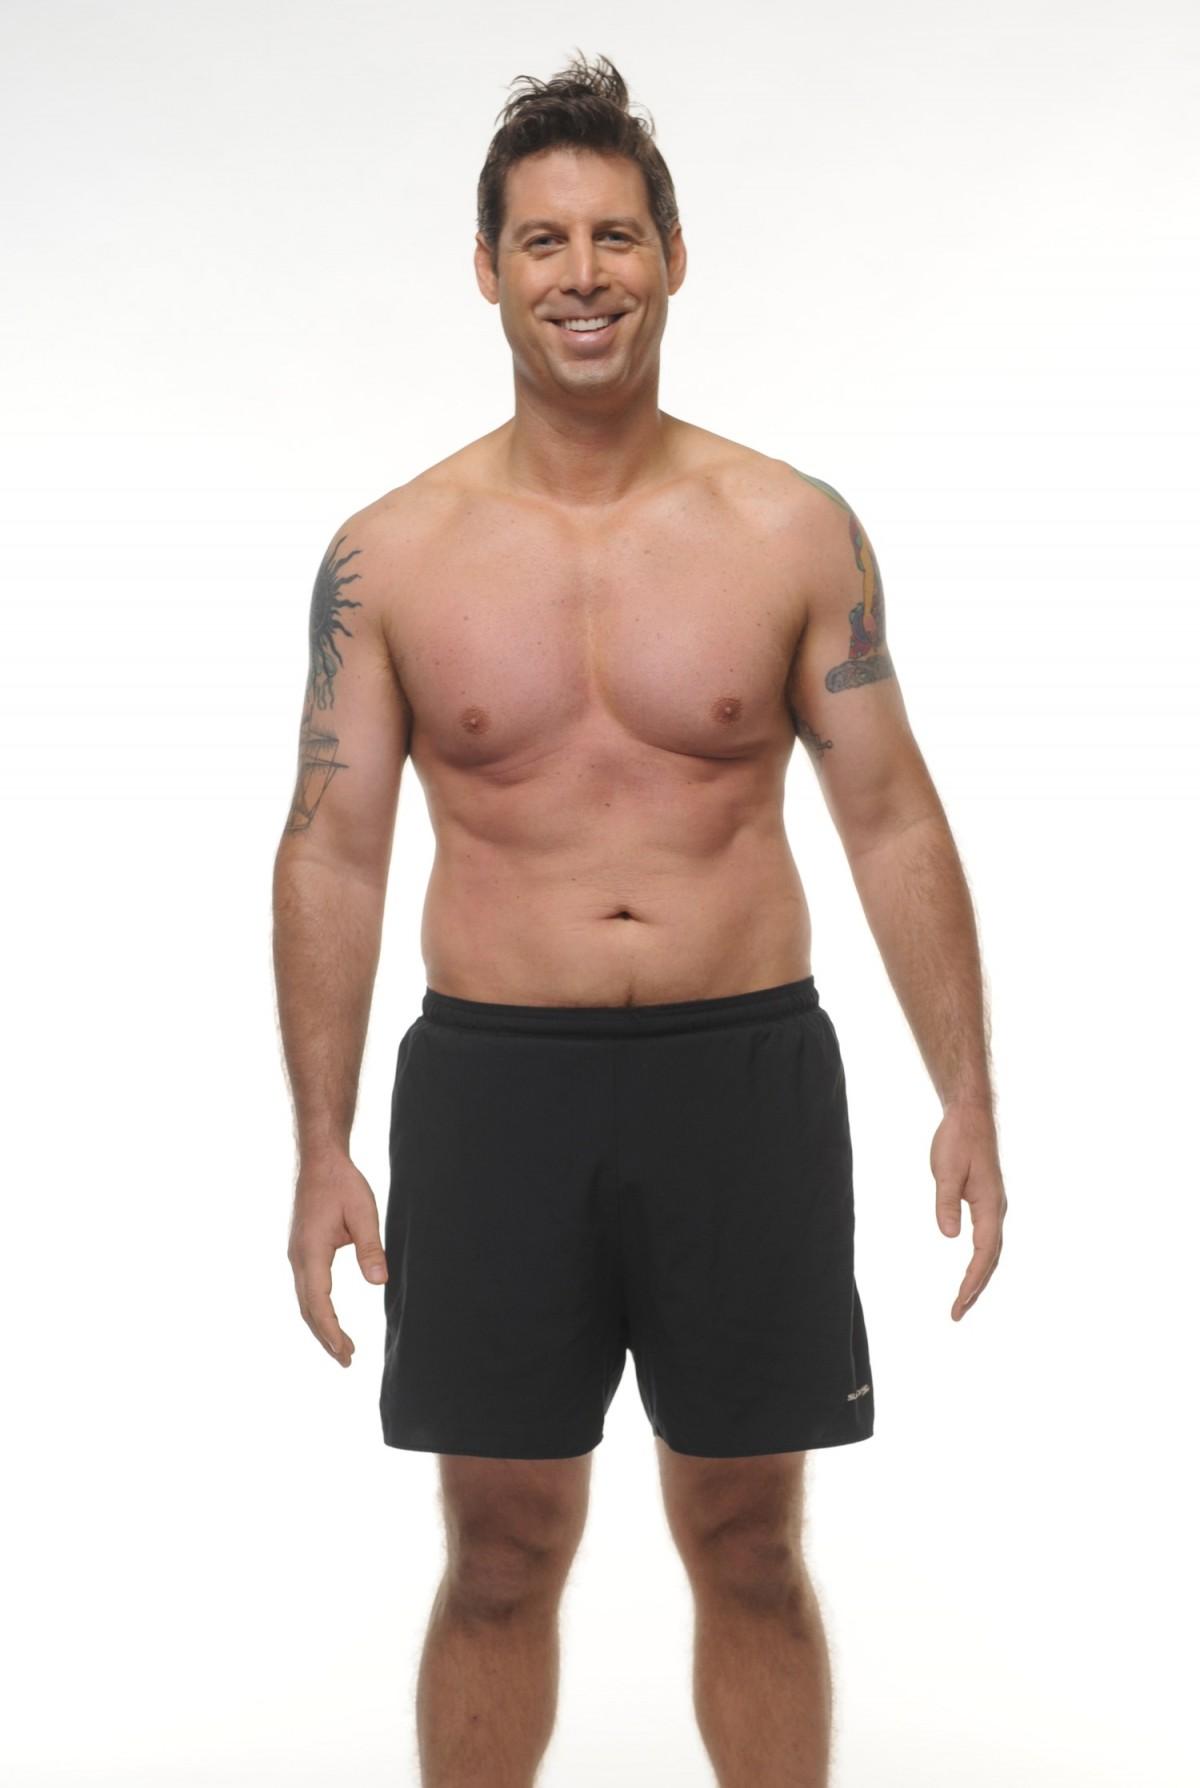 Free nude muscle men